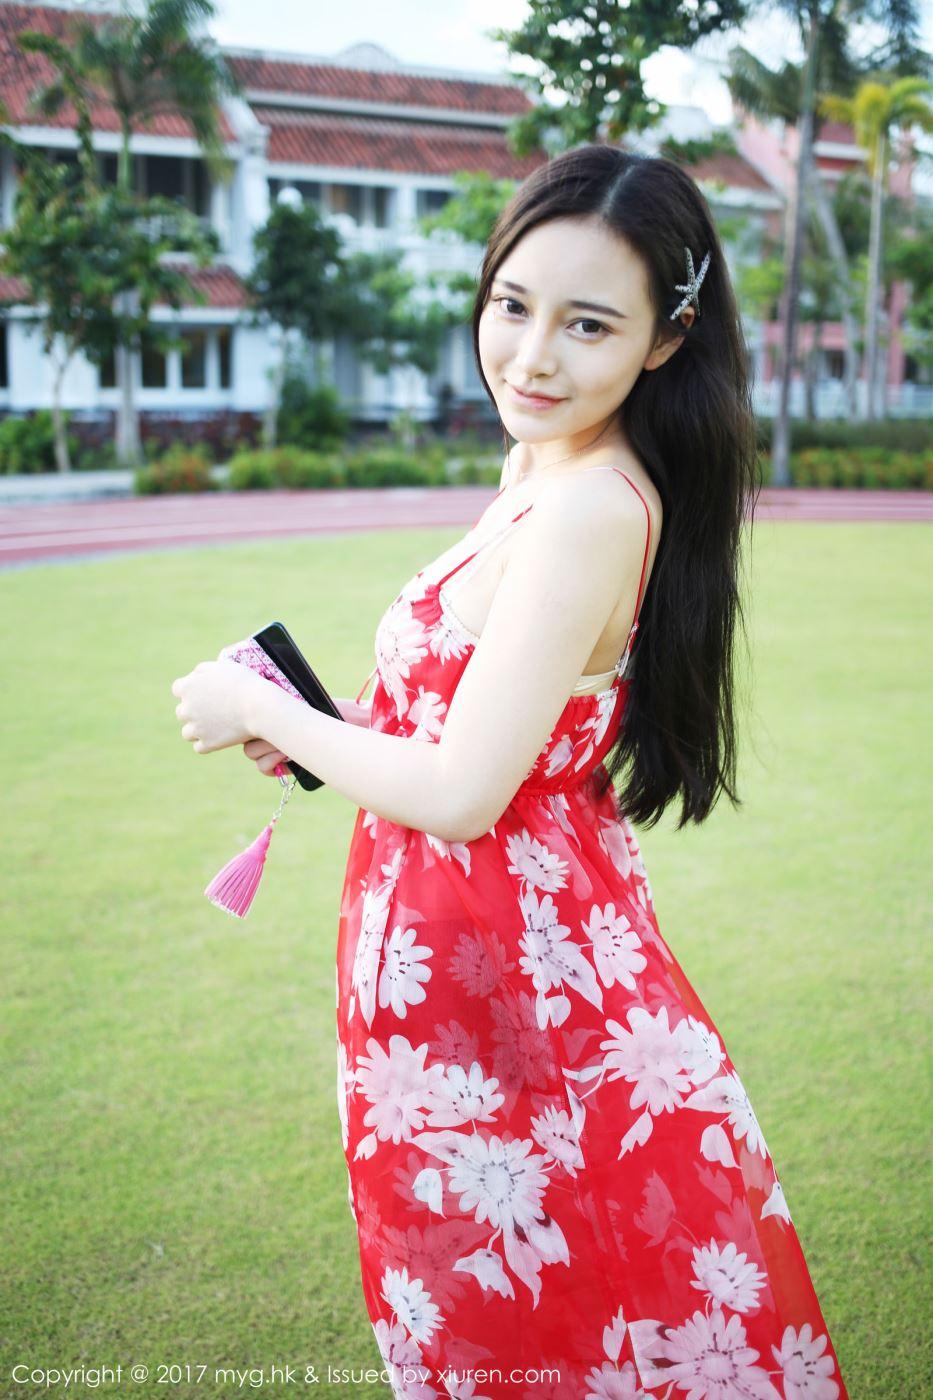 美媛馆美女模特唐琪儿波西米亚风长裙小清新写真图片